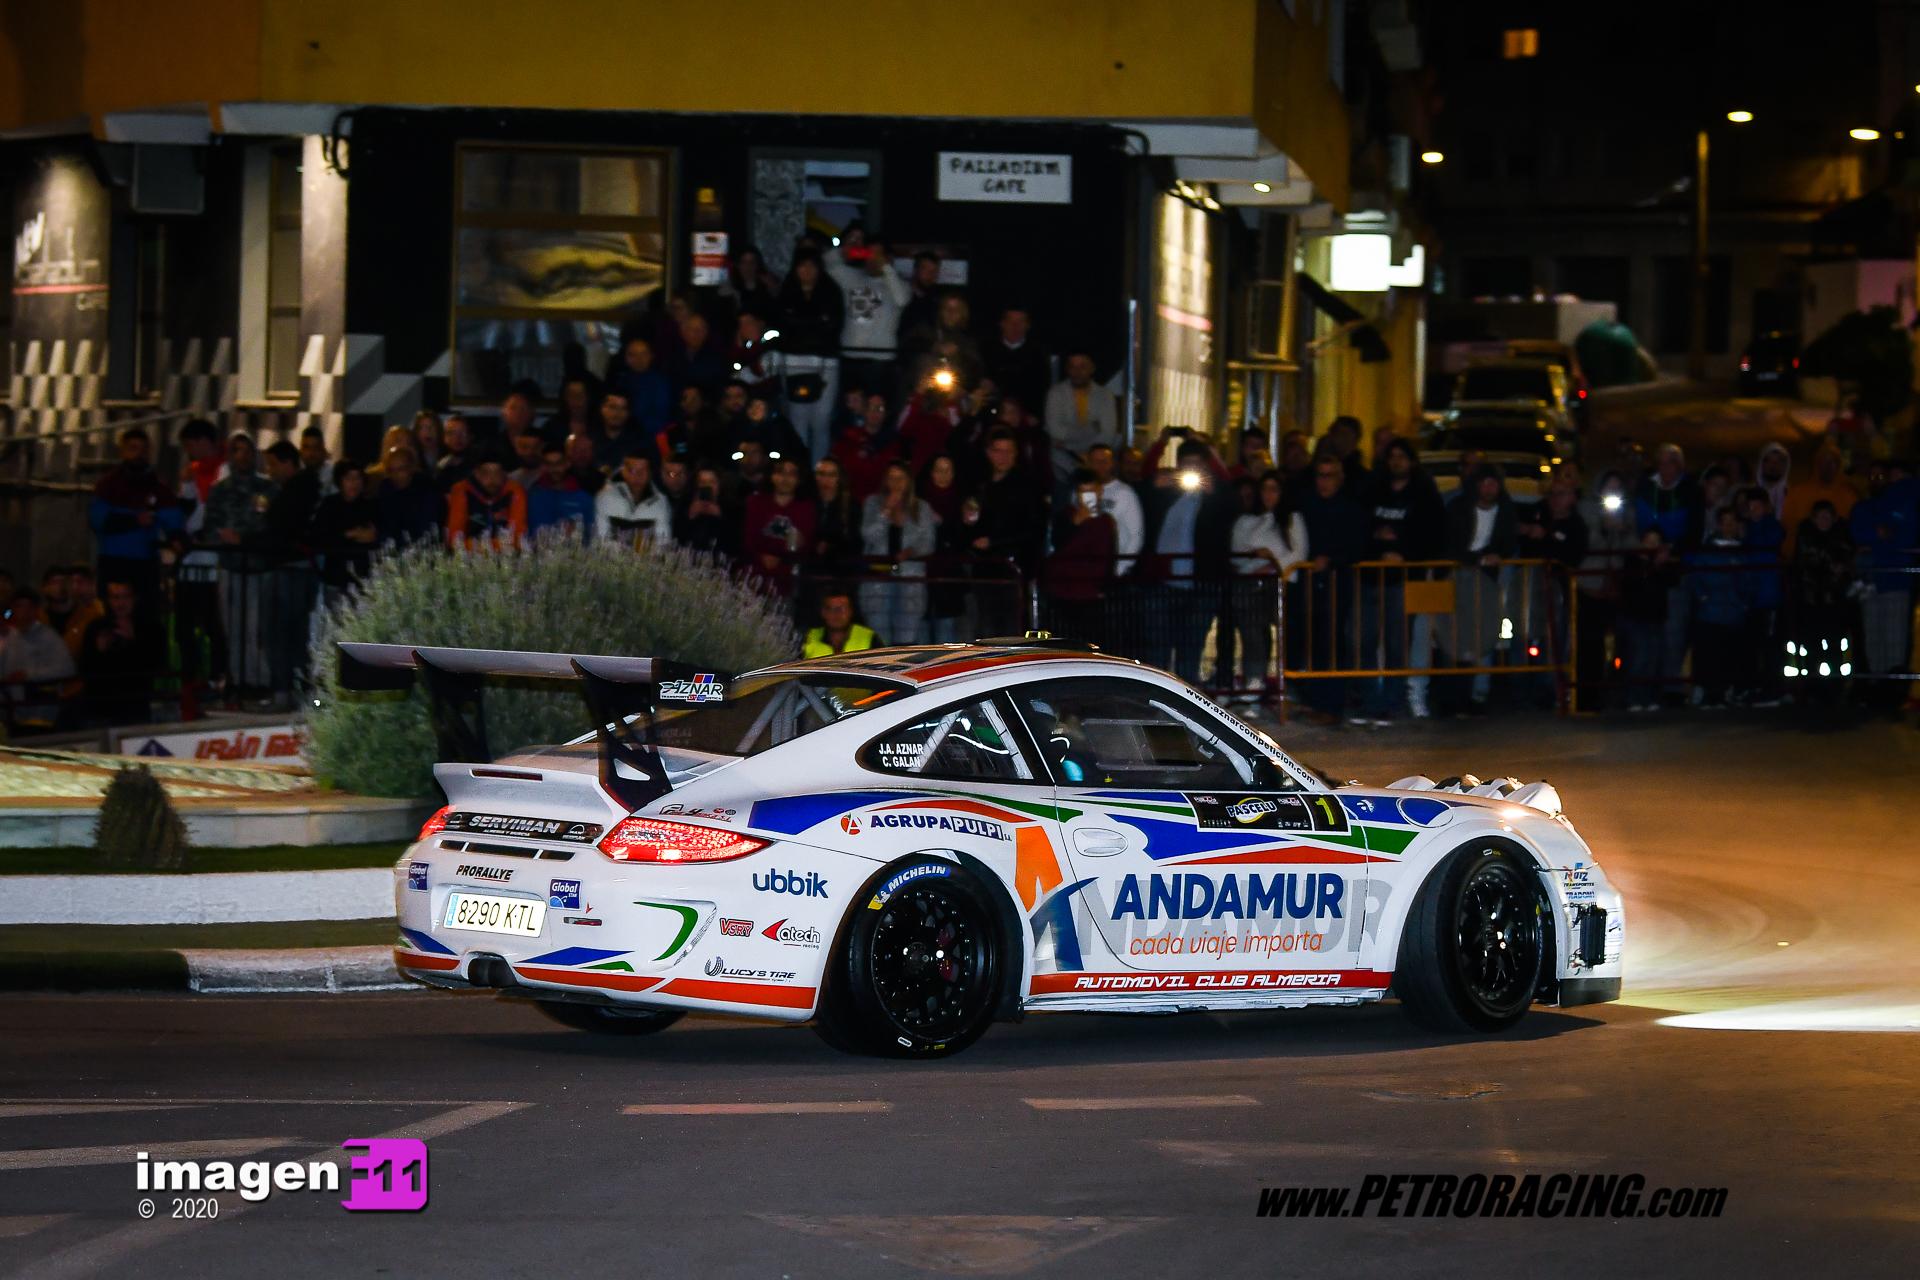 1ª Parte Resumen Temporada 2020 en Andalucía: Pruebas de carretera.